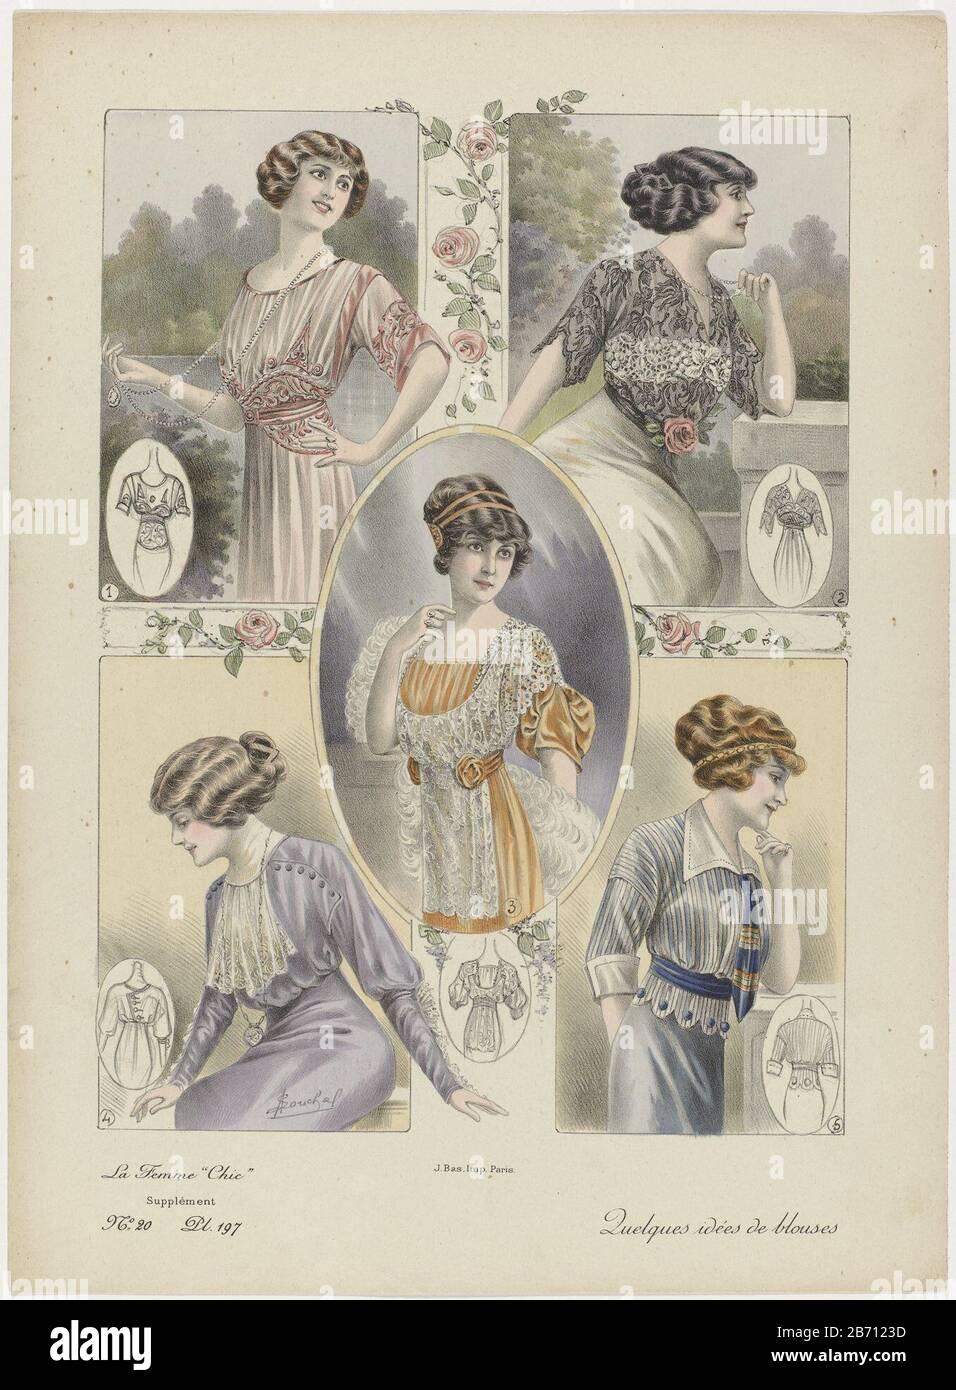 womens fashion 1911 stockfotos und -bilder kaufen - alamy